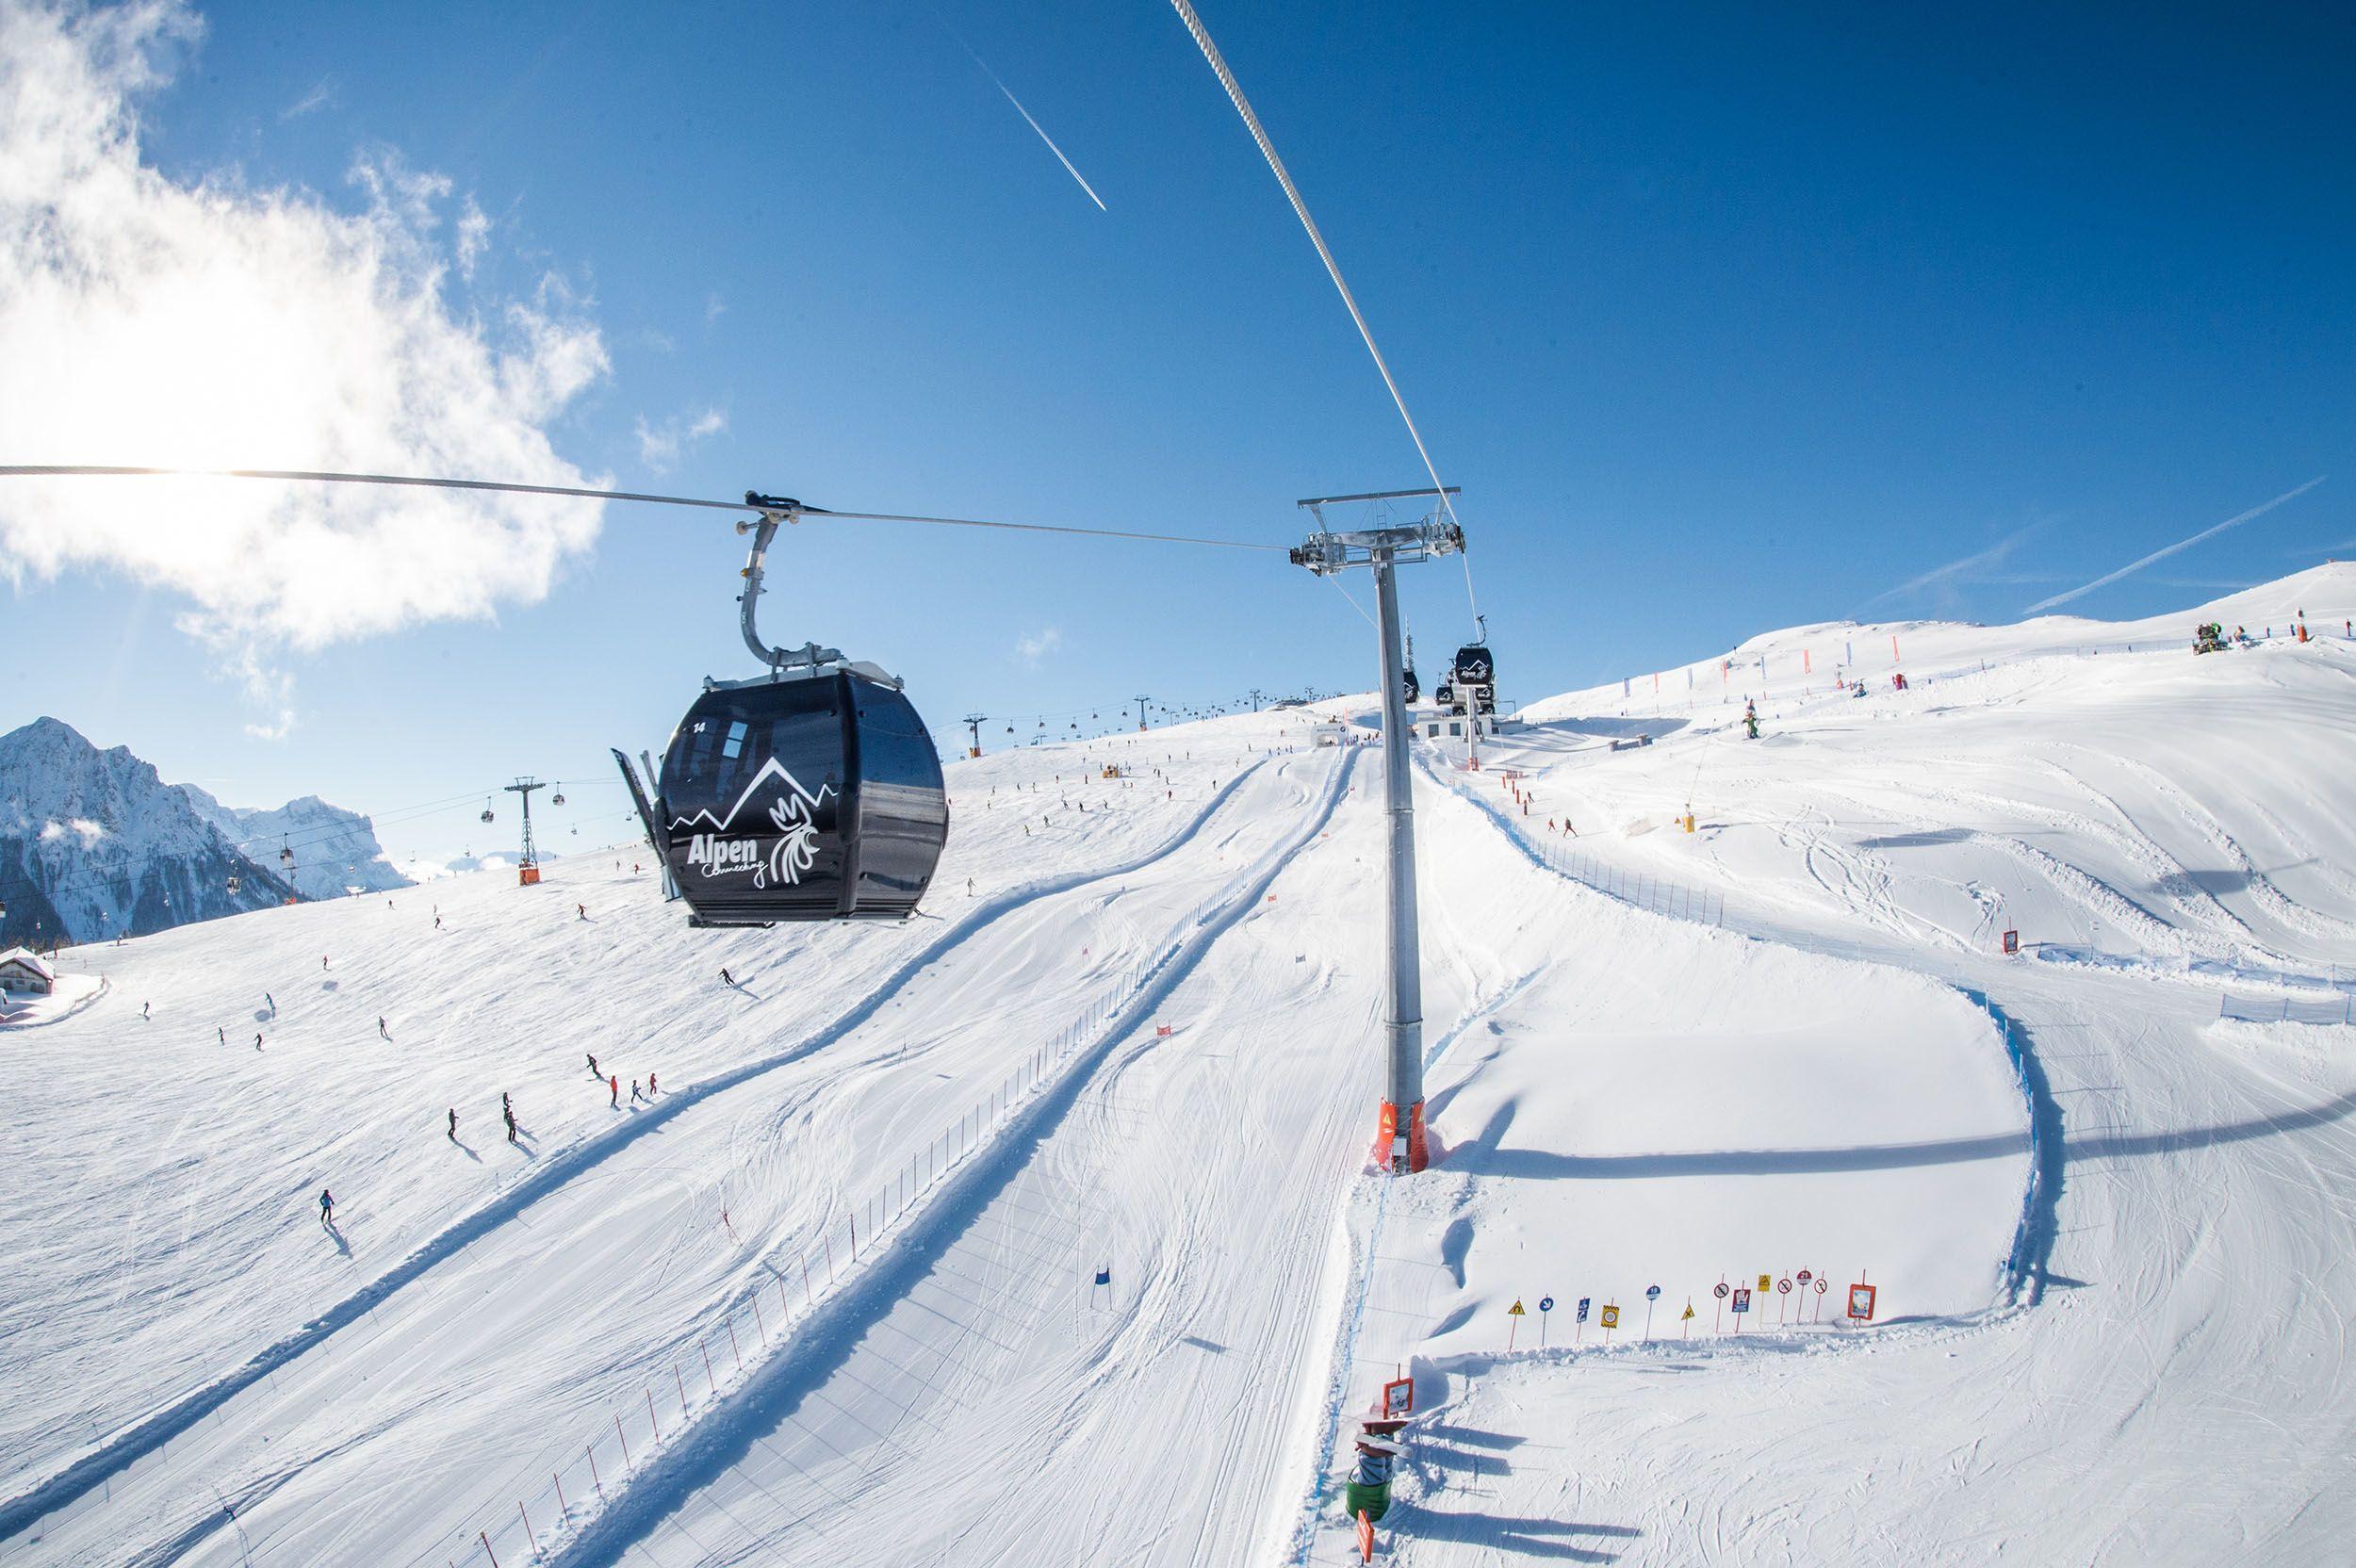 pr-w-kronplatz-lifts-copyright-tvb-kronplatz-photo-harald-wisthaler-alpen-connecting